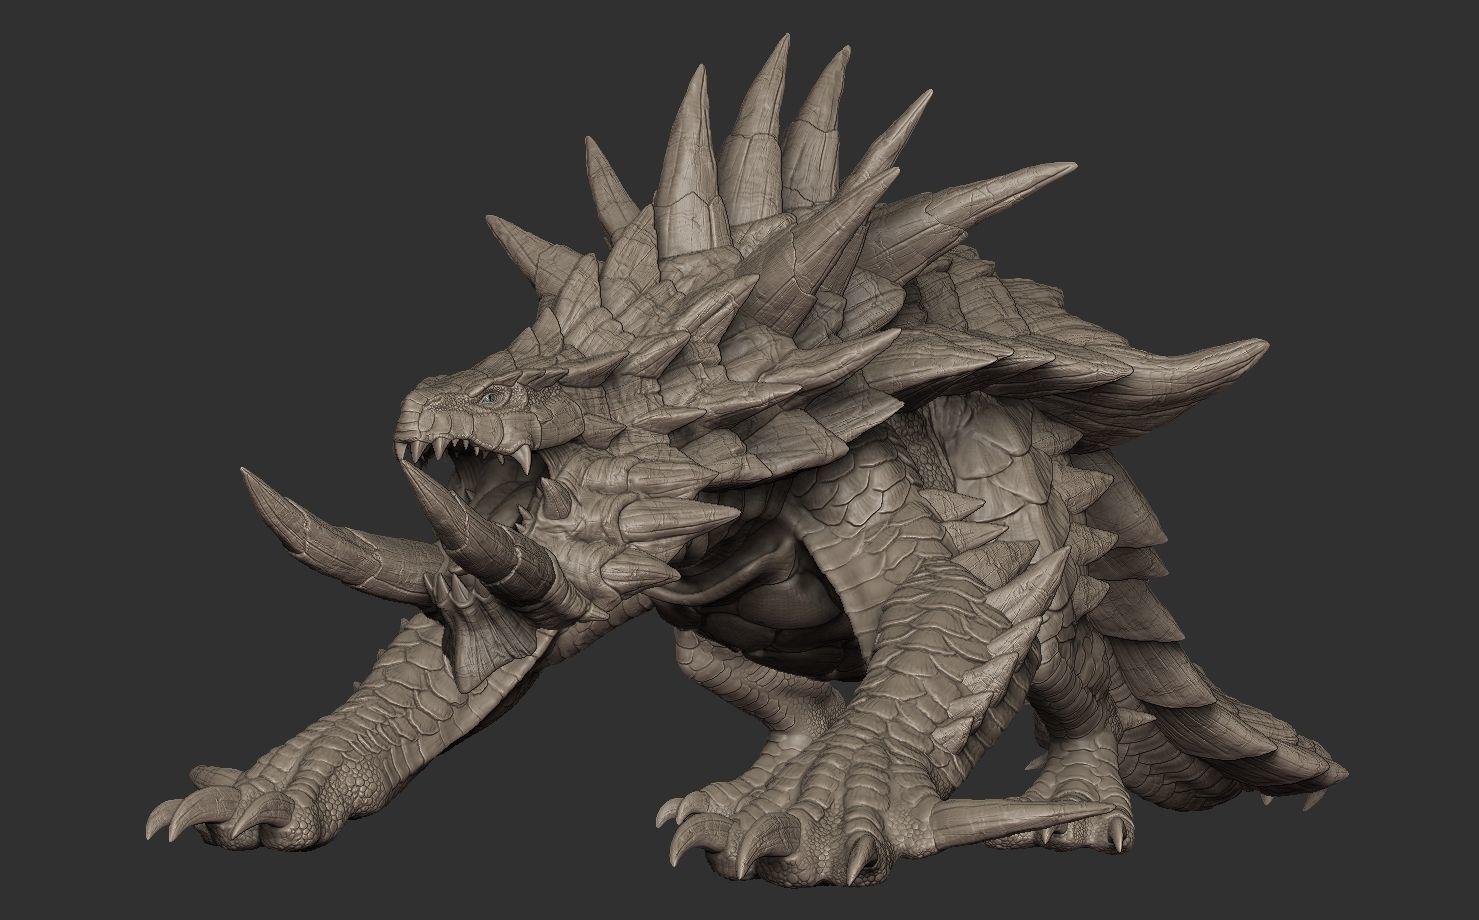 Akantor from Monster Hunter Zbrush Highpoly